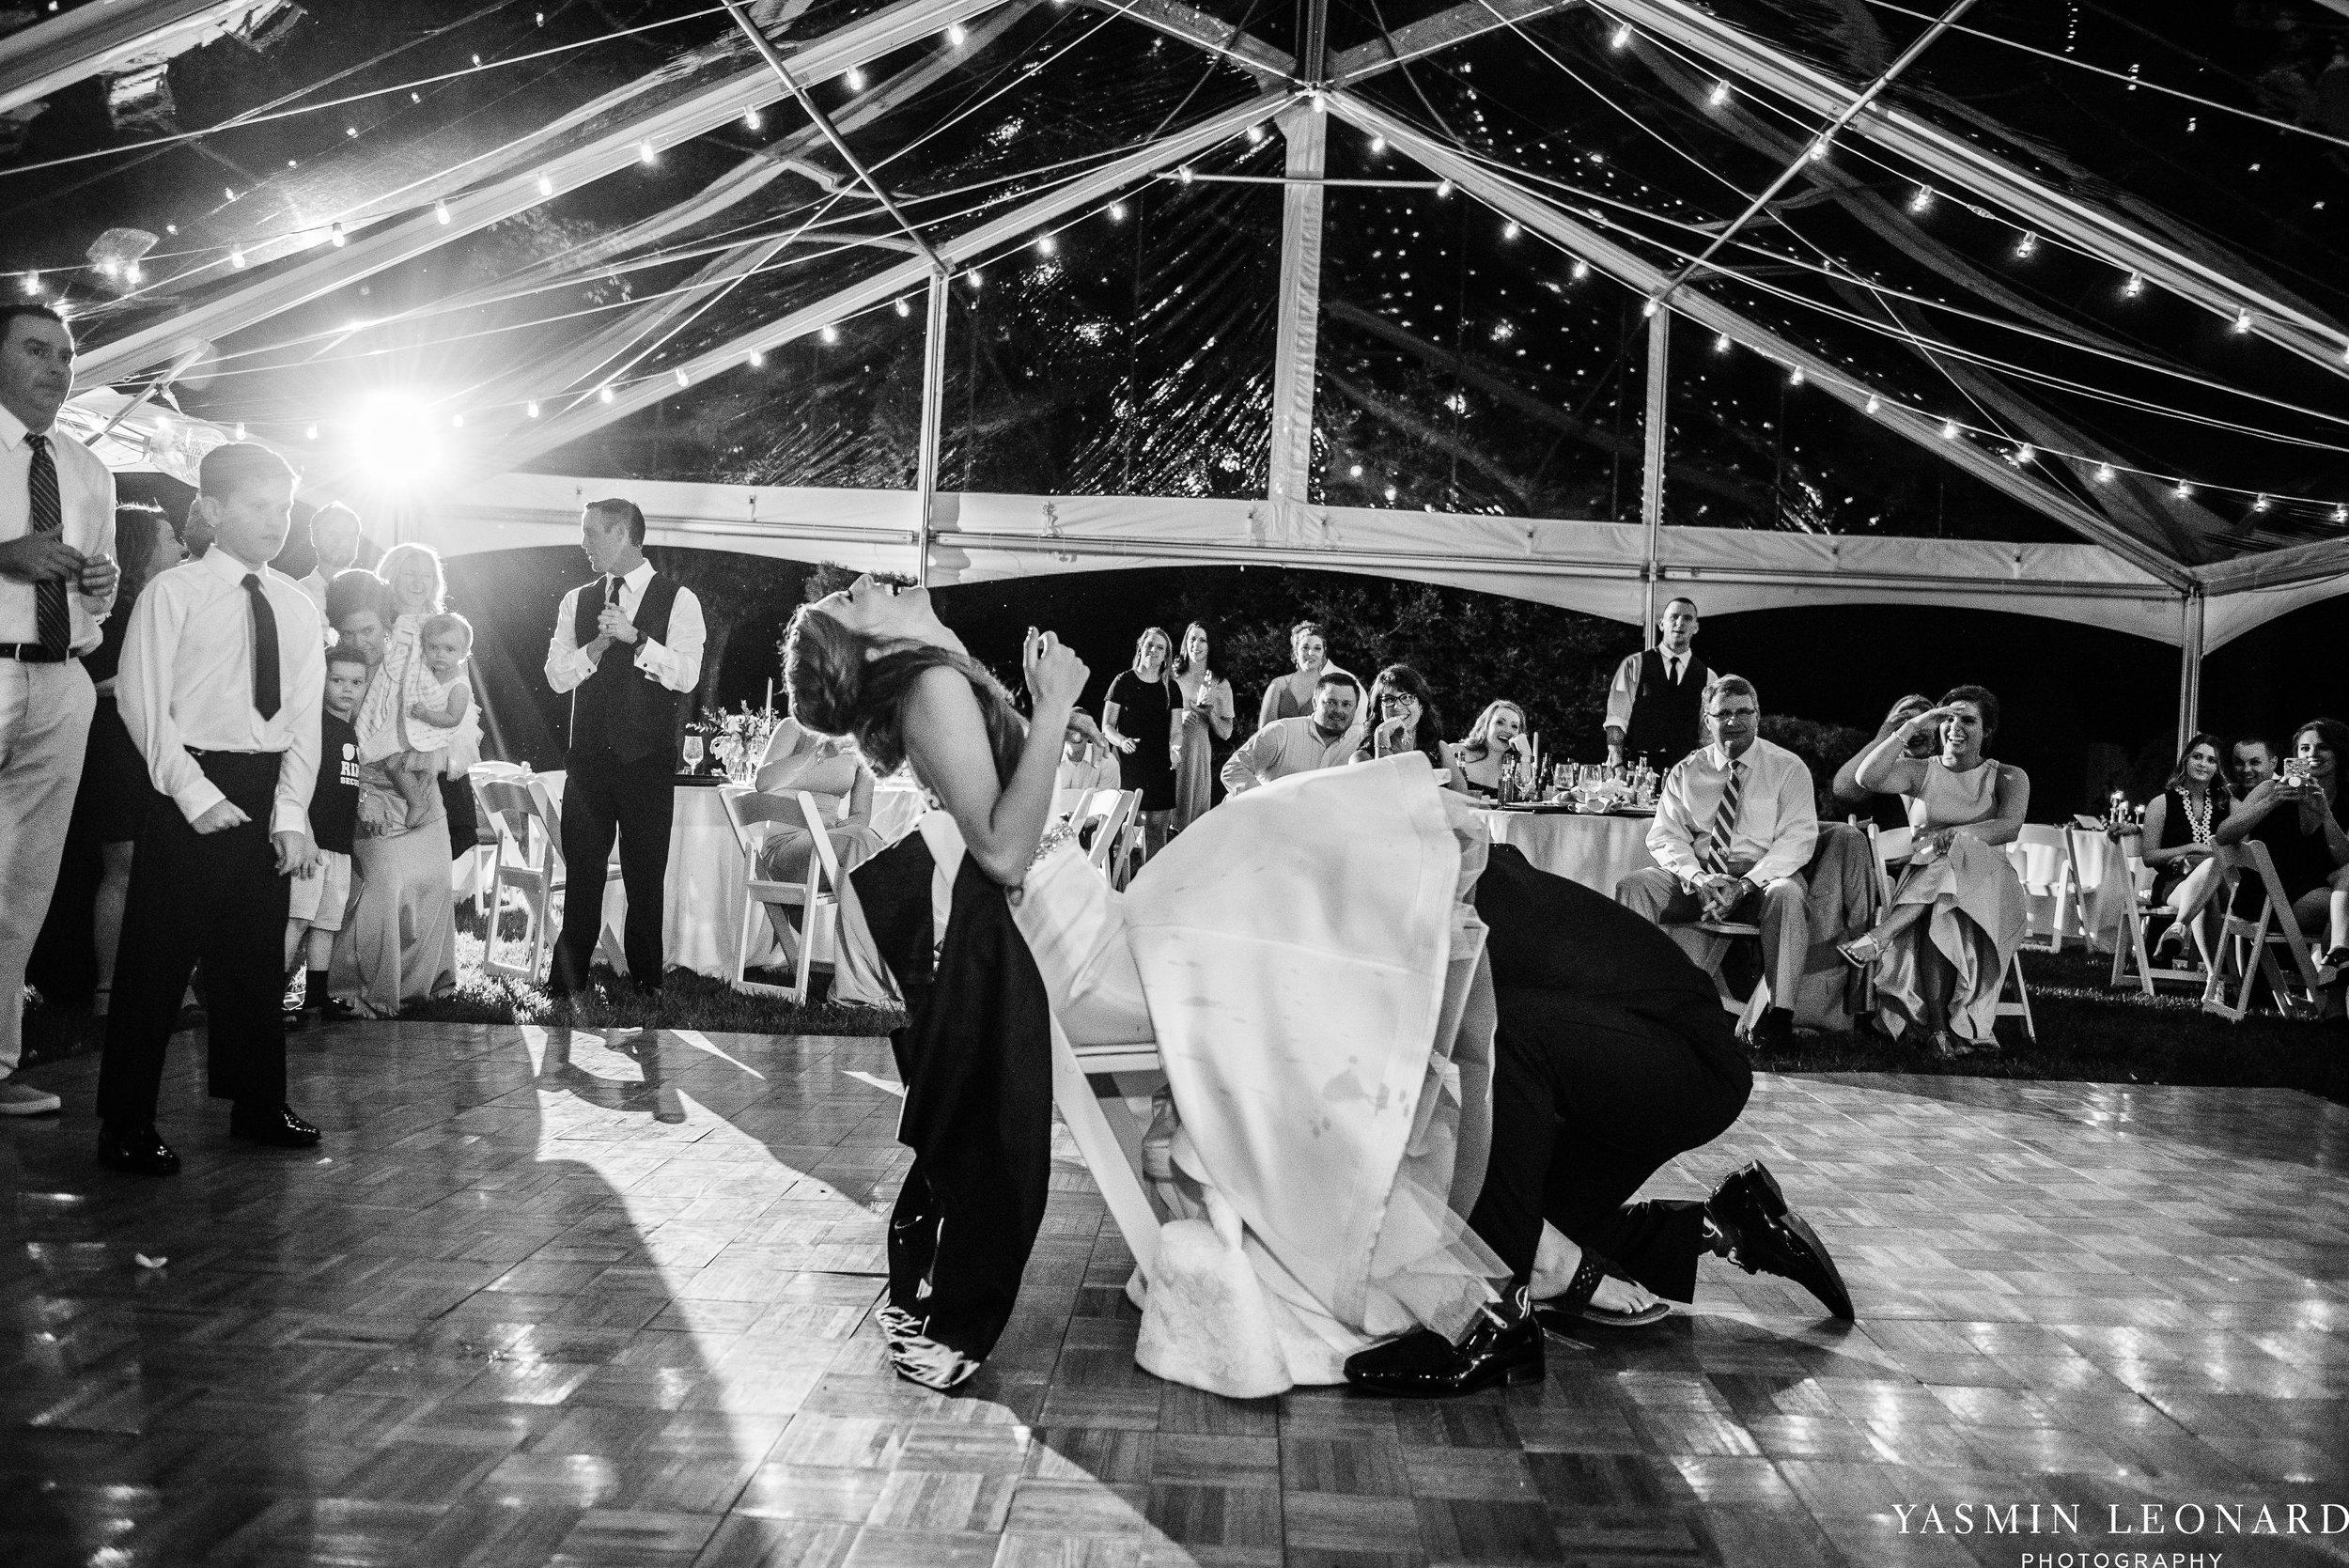 Boxwood Estate - Boxwood Estate Wedding - Luxury Wedding - Black and White Wedding - NC Wedding Venues - NC Weddings - NC Photographer - Lantern Release Grand Exit - Large Wedding Party - Yasmin Leonard Photography-80.jpg